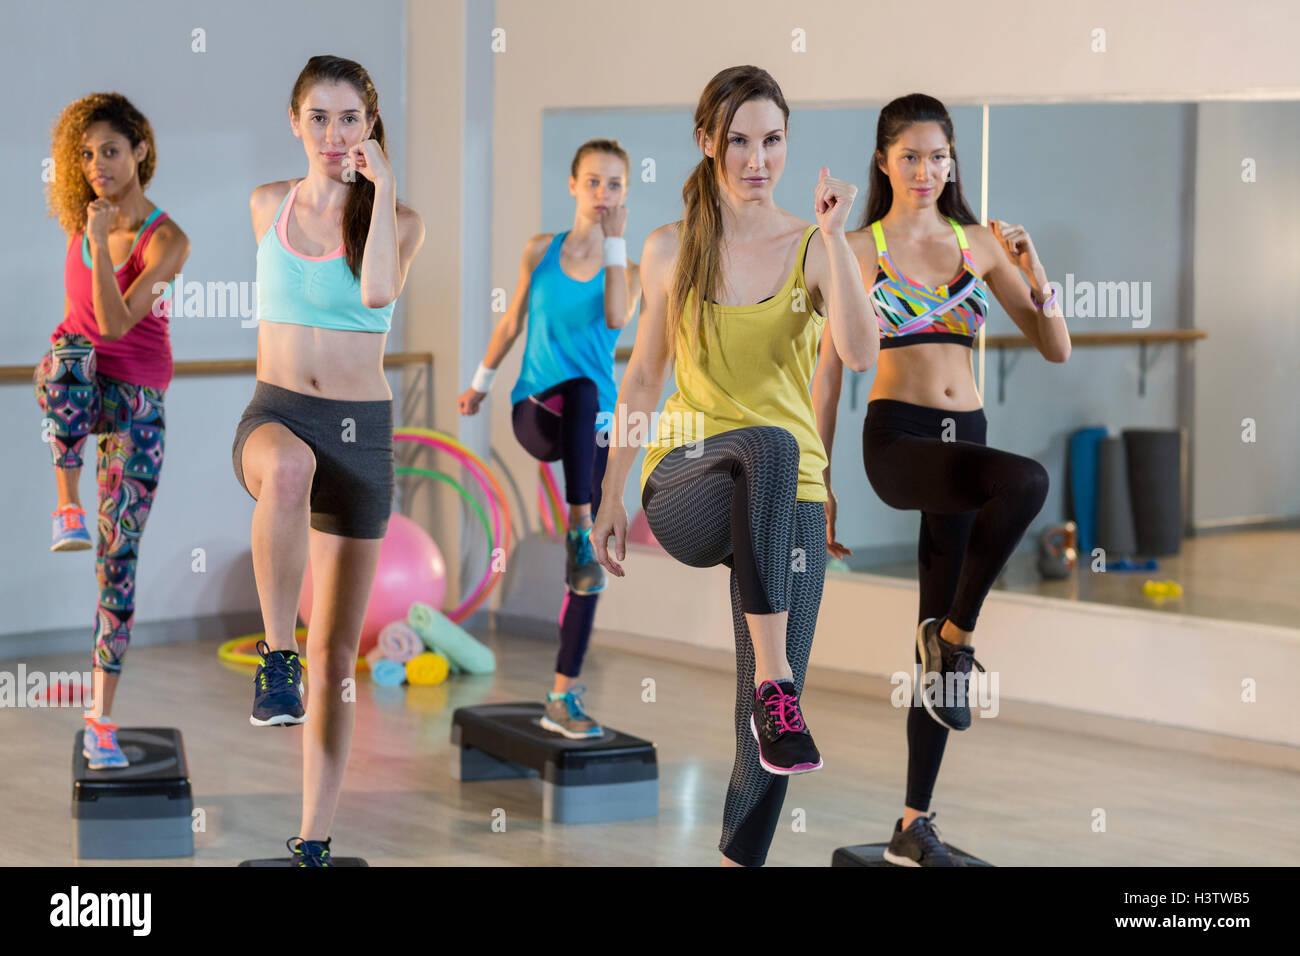 Groupe de femmes exerçant de pas-à-pas aérobie Photo Stock